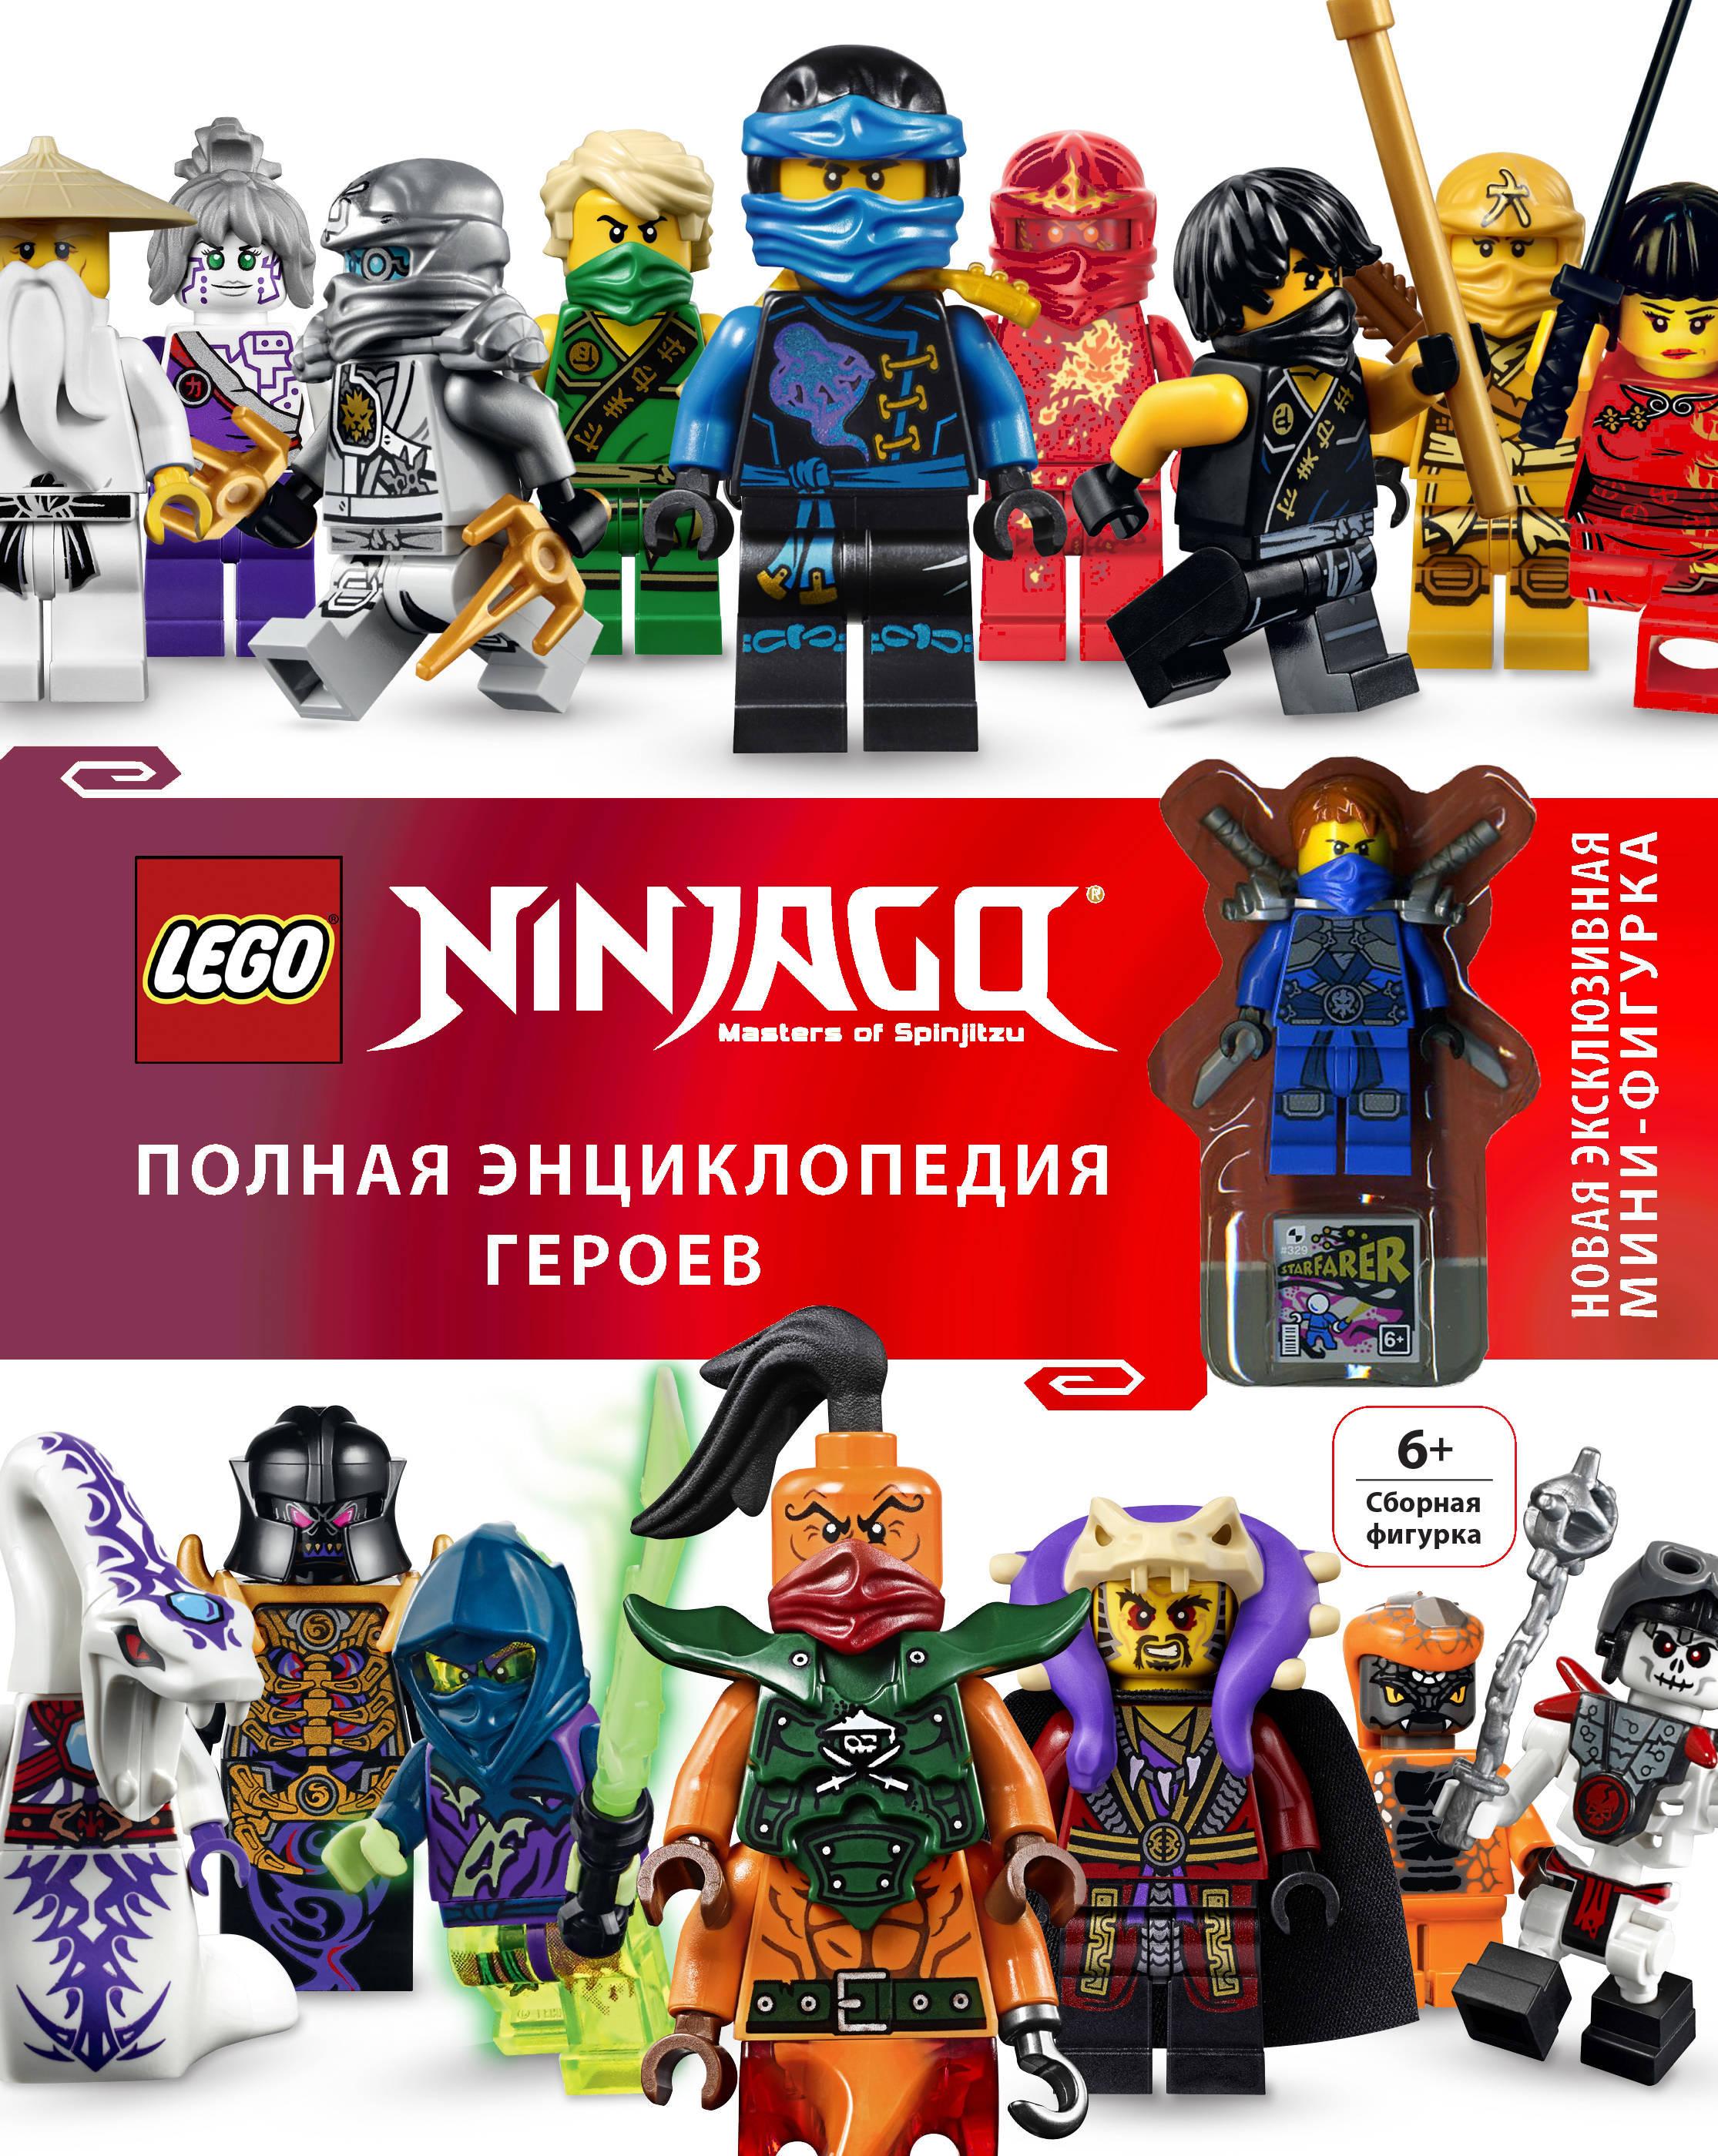 Клэр Сипи LEGO Ninjago. Полная энциклопедия героев (+ эксклюзивная мини-фигурка) lego ninjago 70737 битва механических титанов